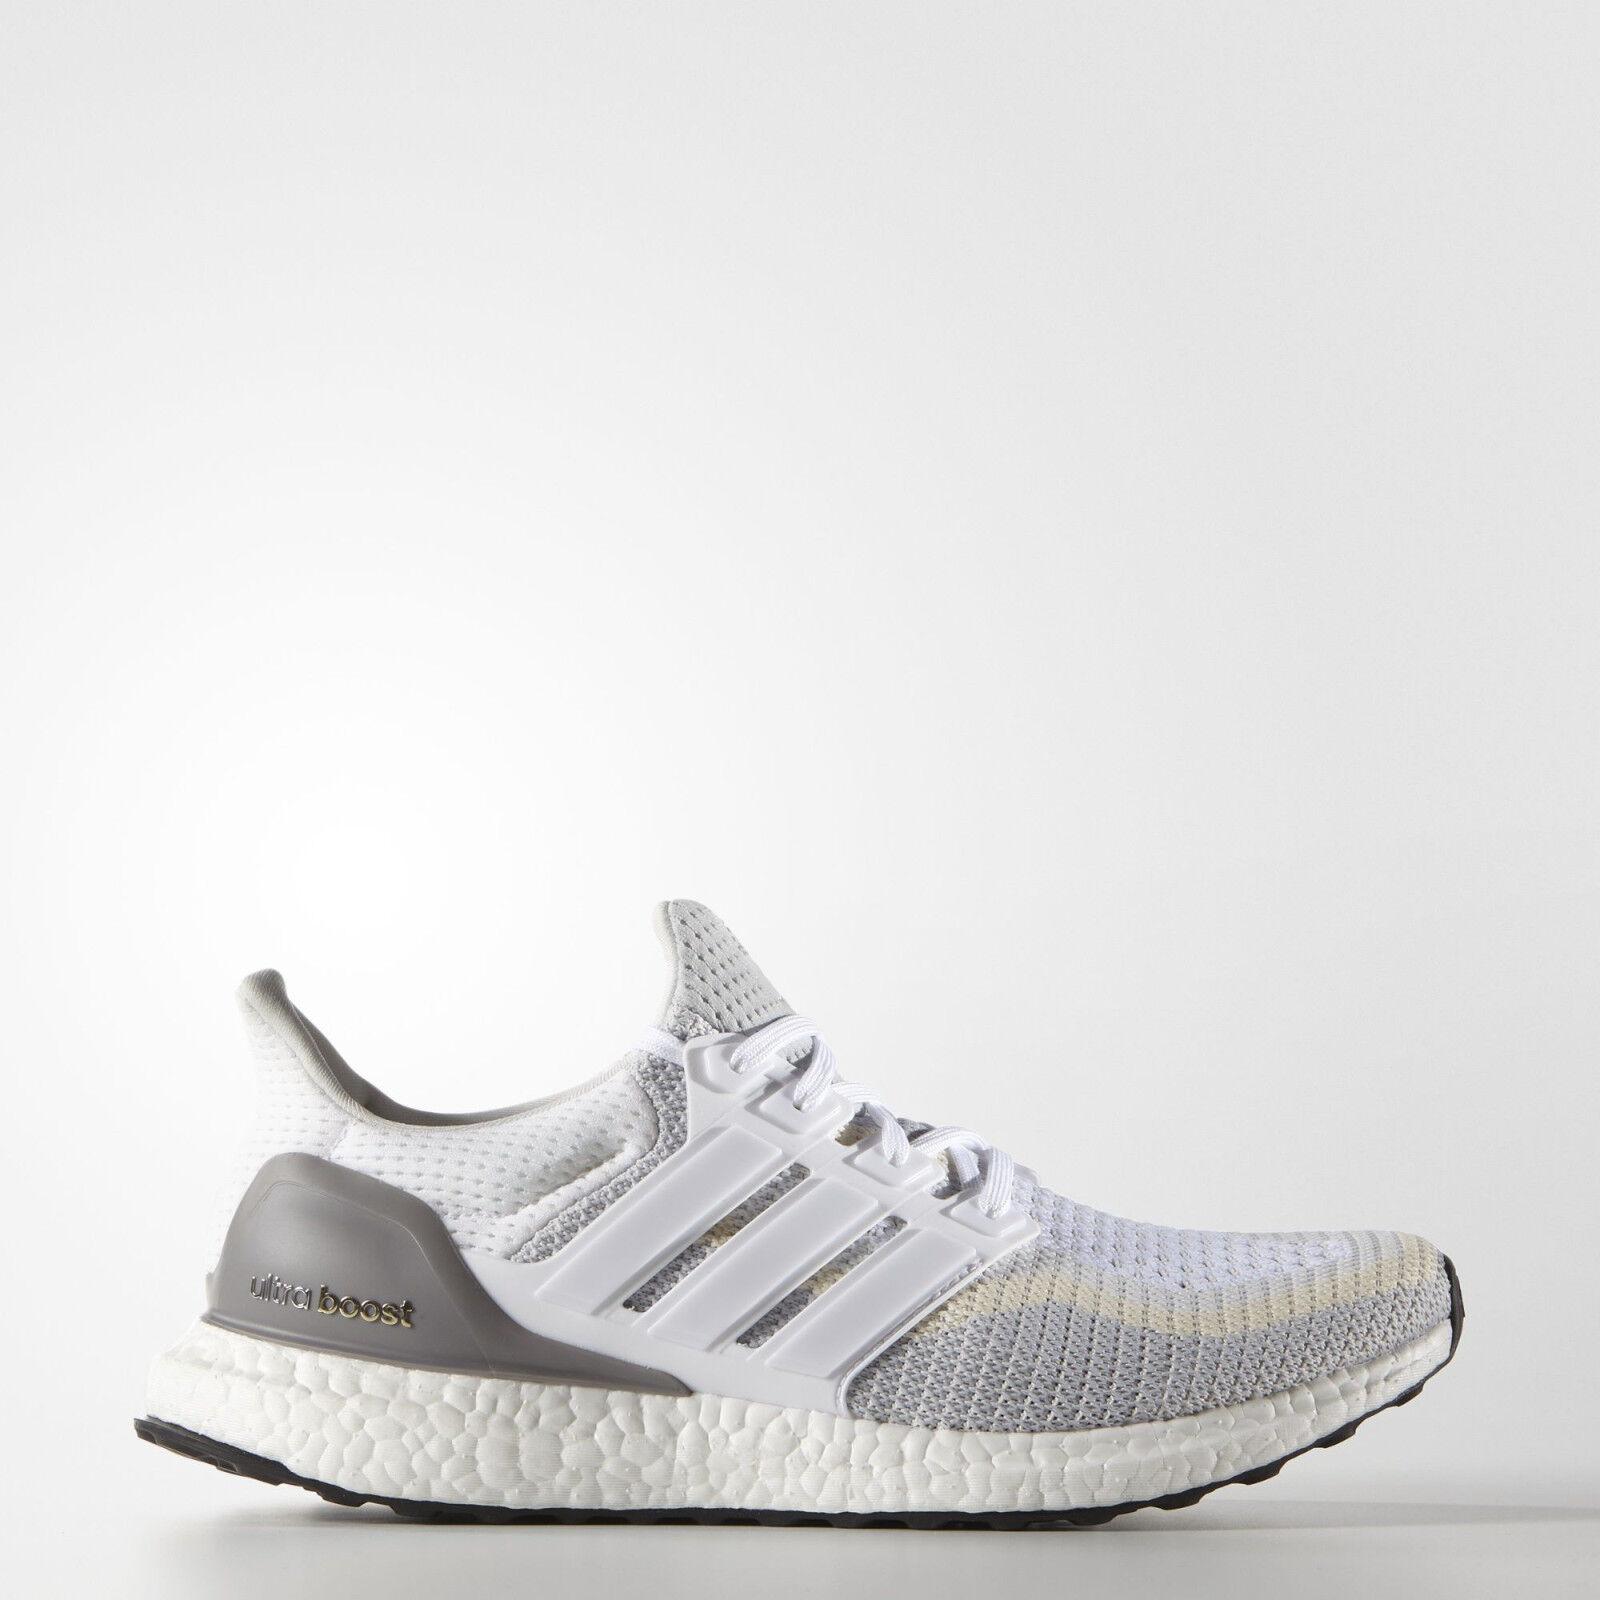 Adidas Ultra Weiß Boost 2.0  Uomo Weiß Ultra Grau Running Schuhes Trainers AQ4007 Größe 8 , 11 b507fa